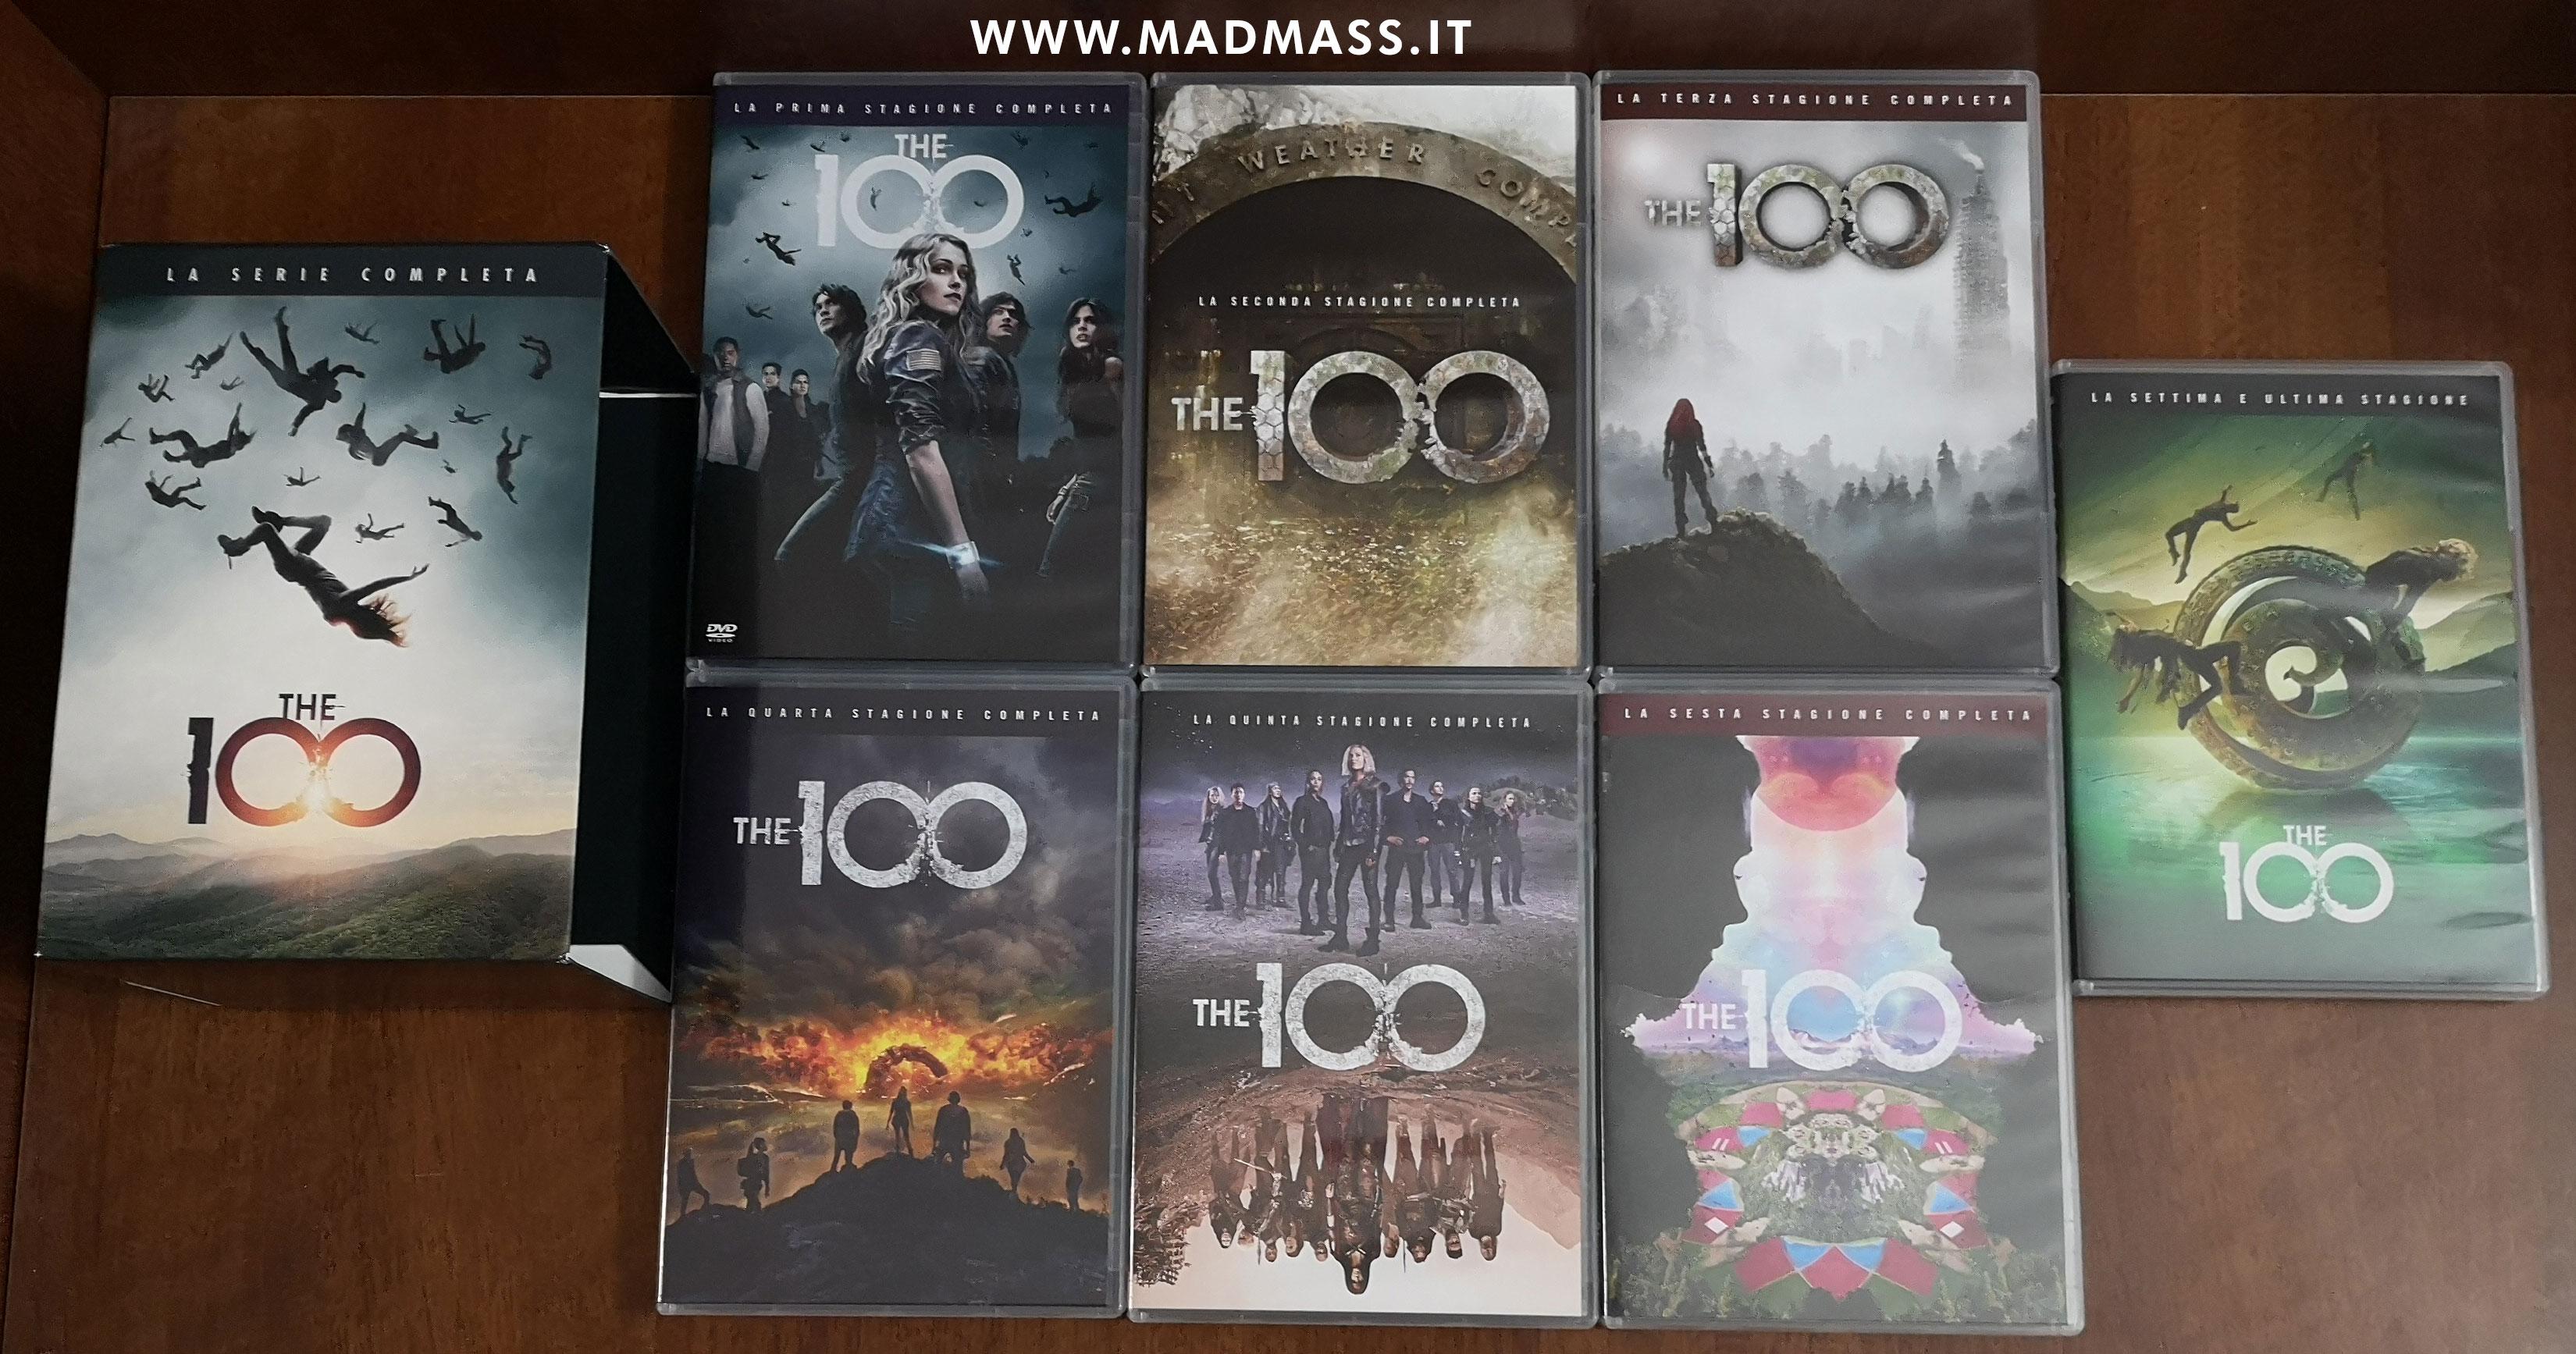 The 100 - La serie completa recensione cofanetto DVD Stagioni 1-7